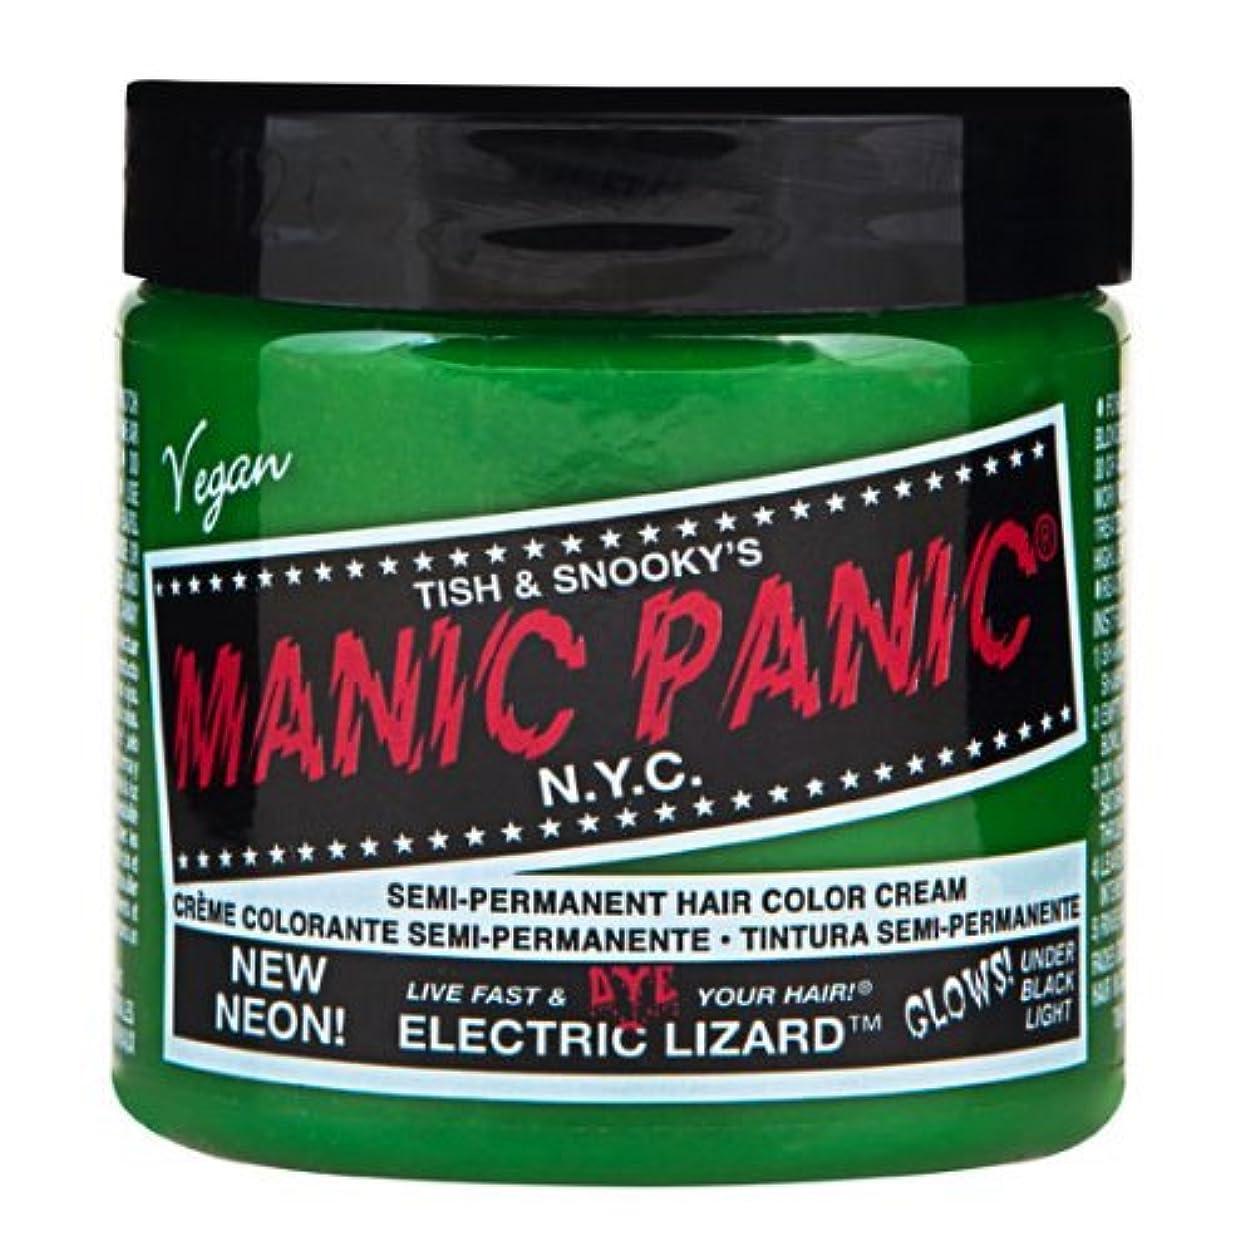 ビリー嵐ゴールマニックパニック MANIC PANIC ヘアカラー 118mlネオンエレクトリックリザード ヘアーカラー